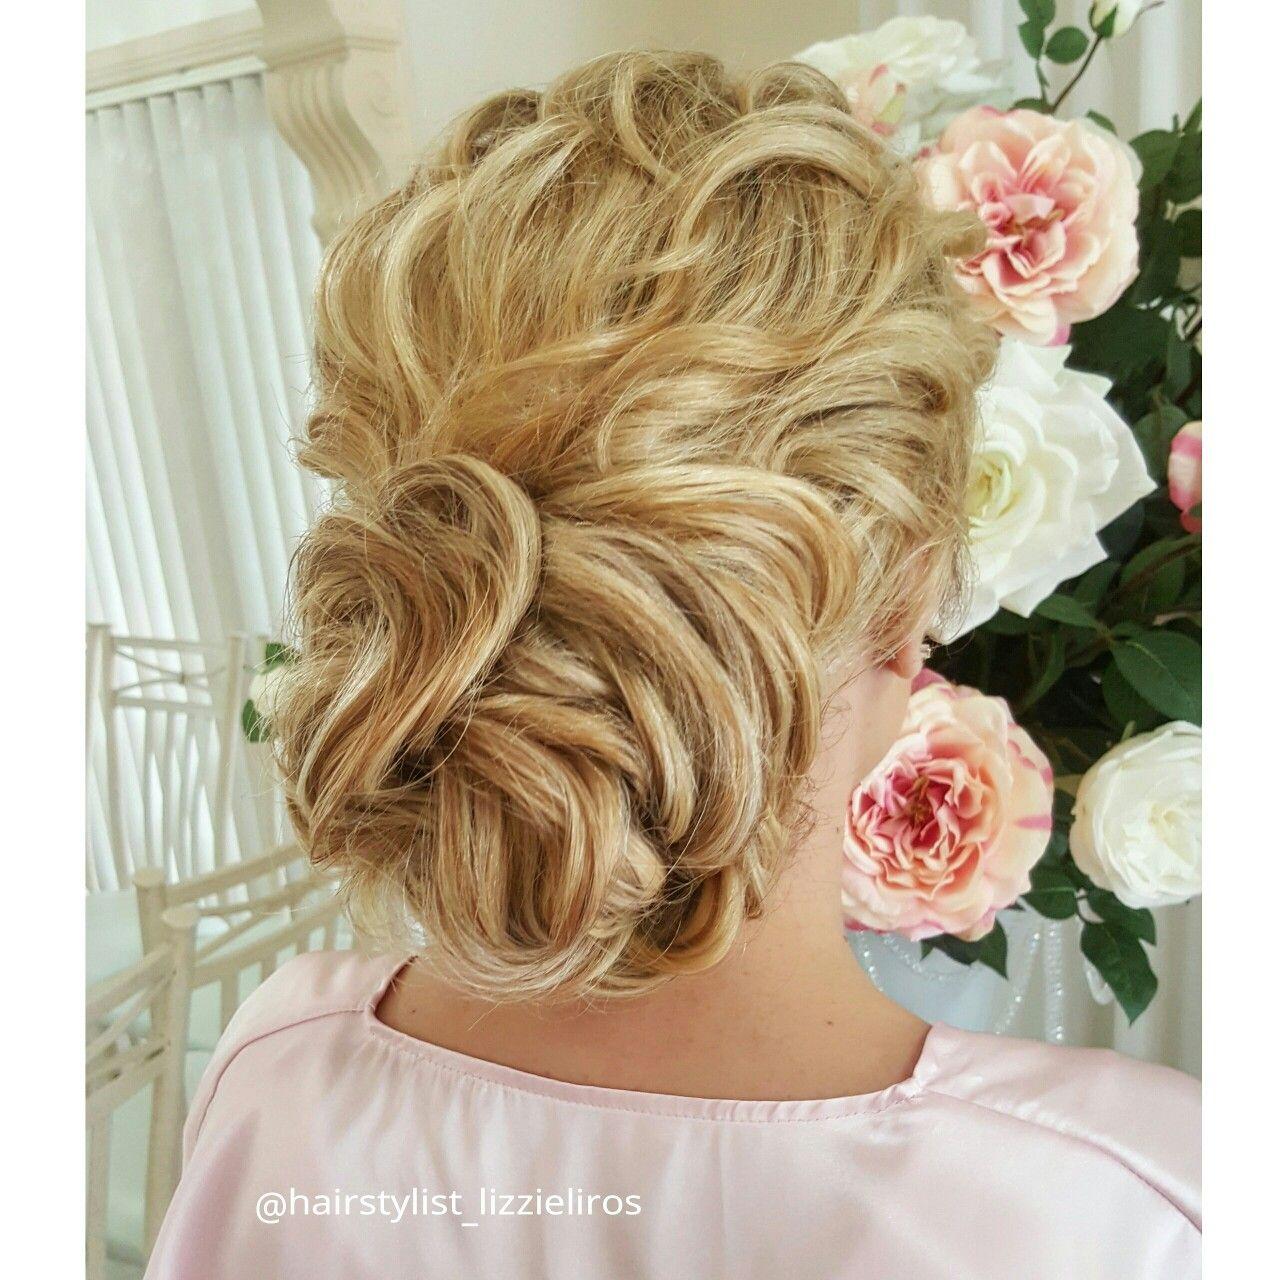 Bridesmaidus braided hairstyle by lizzie liros zzieliros